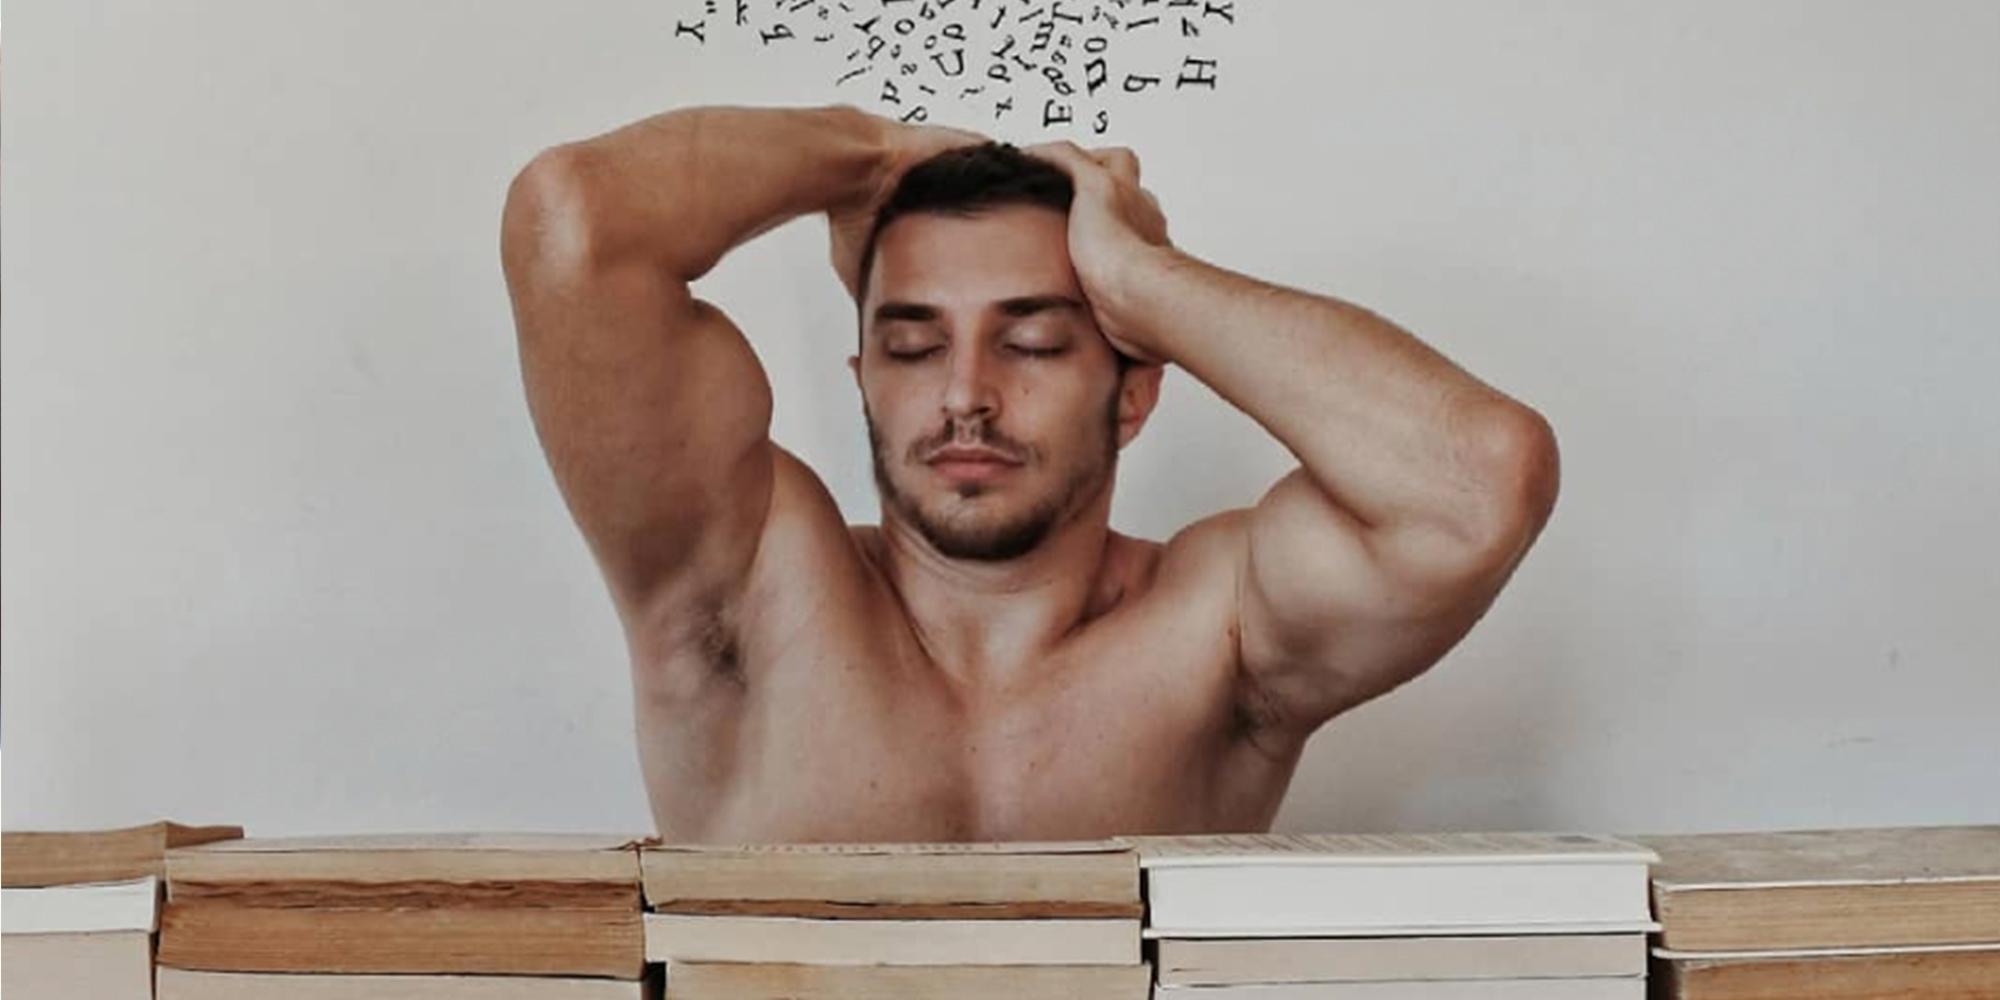 พ่อหนุ่มหุ่นล่ำคนนี้ใช้หนังสือของเขาสร้างผลงานศิลปะสุดเนิร์ด